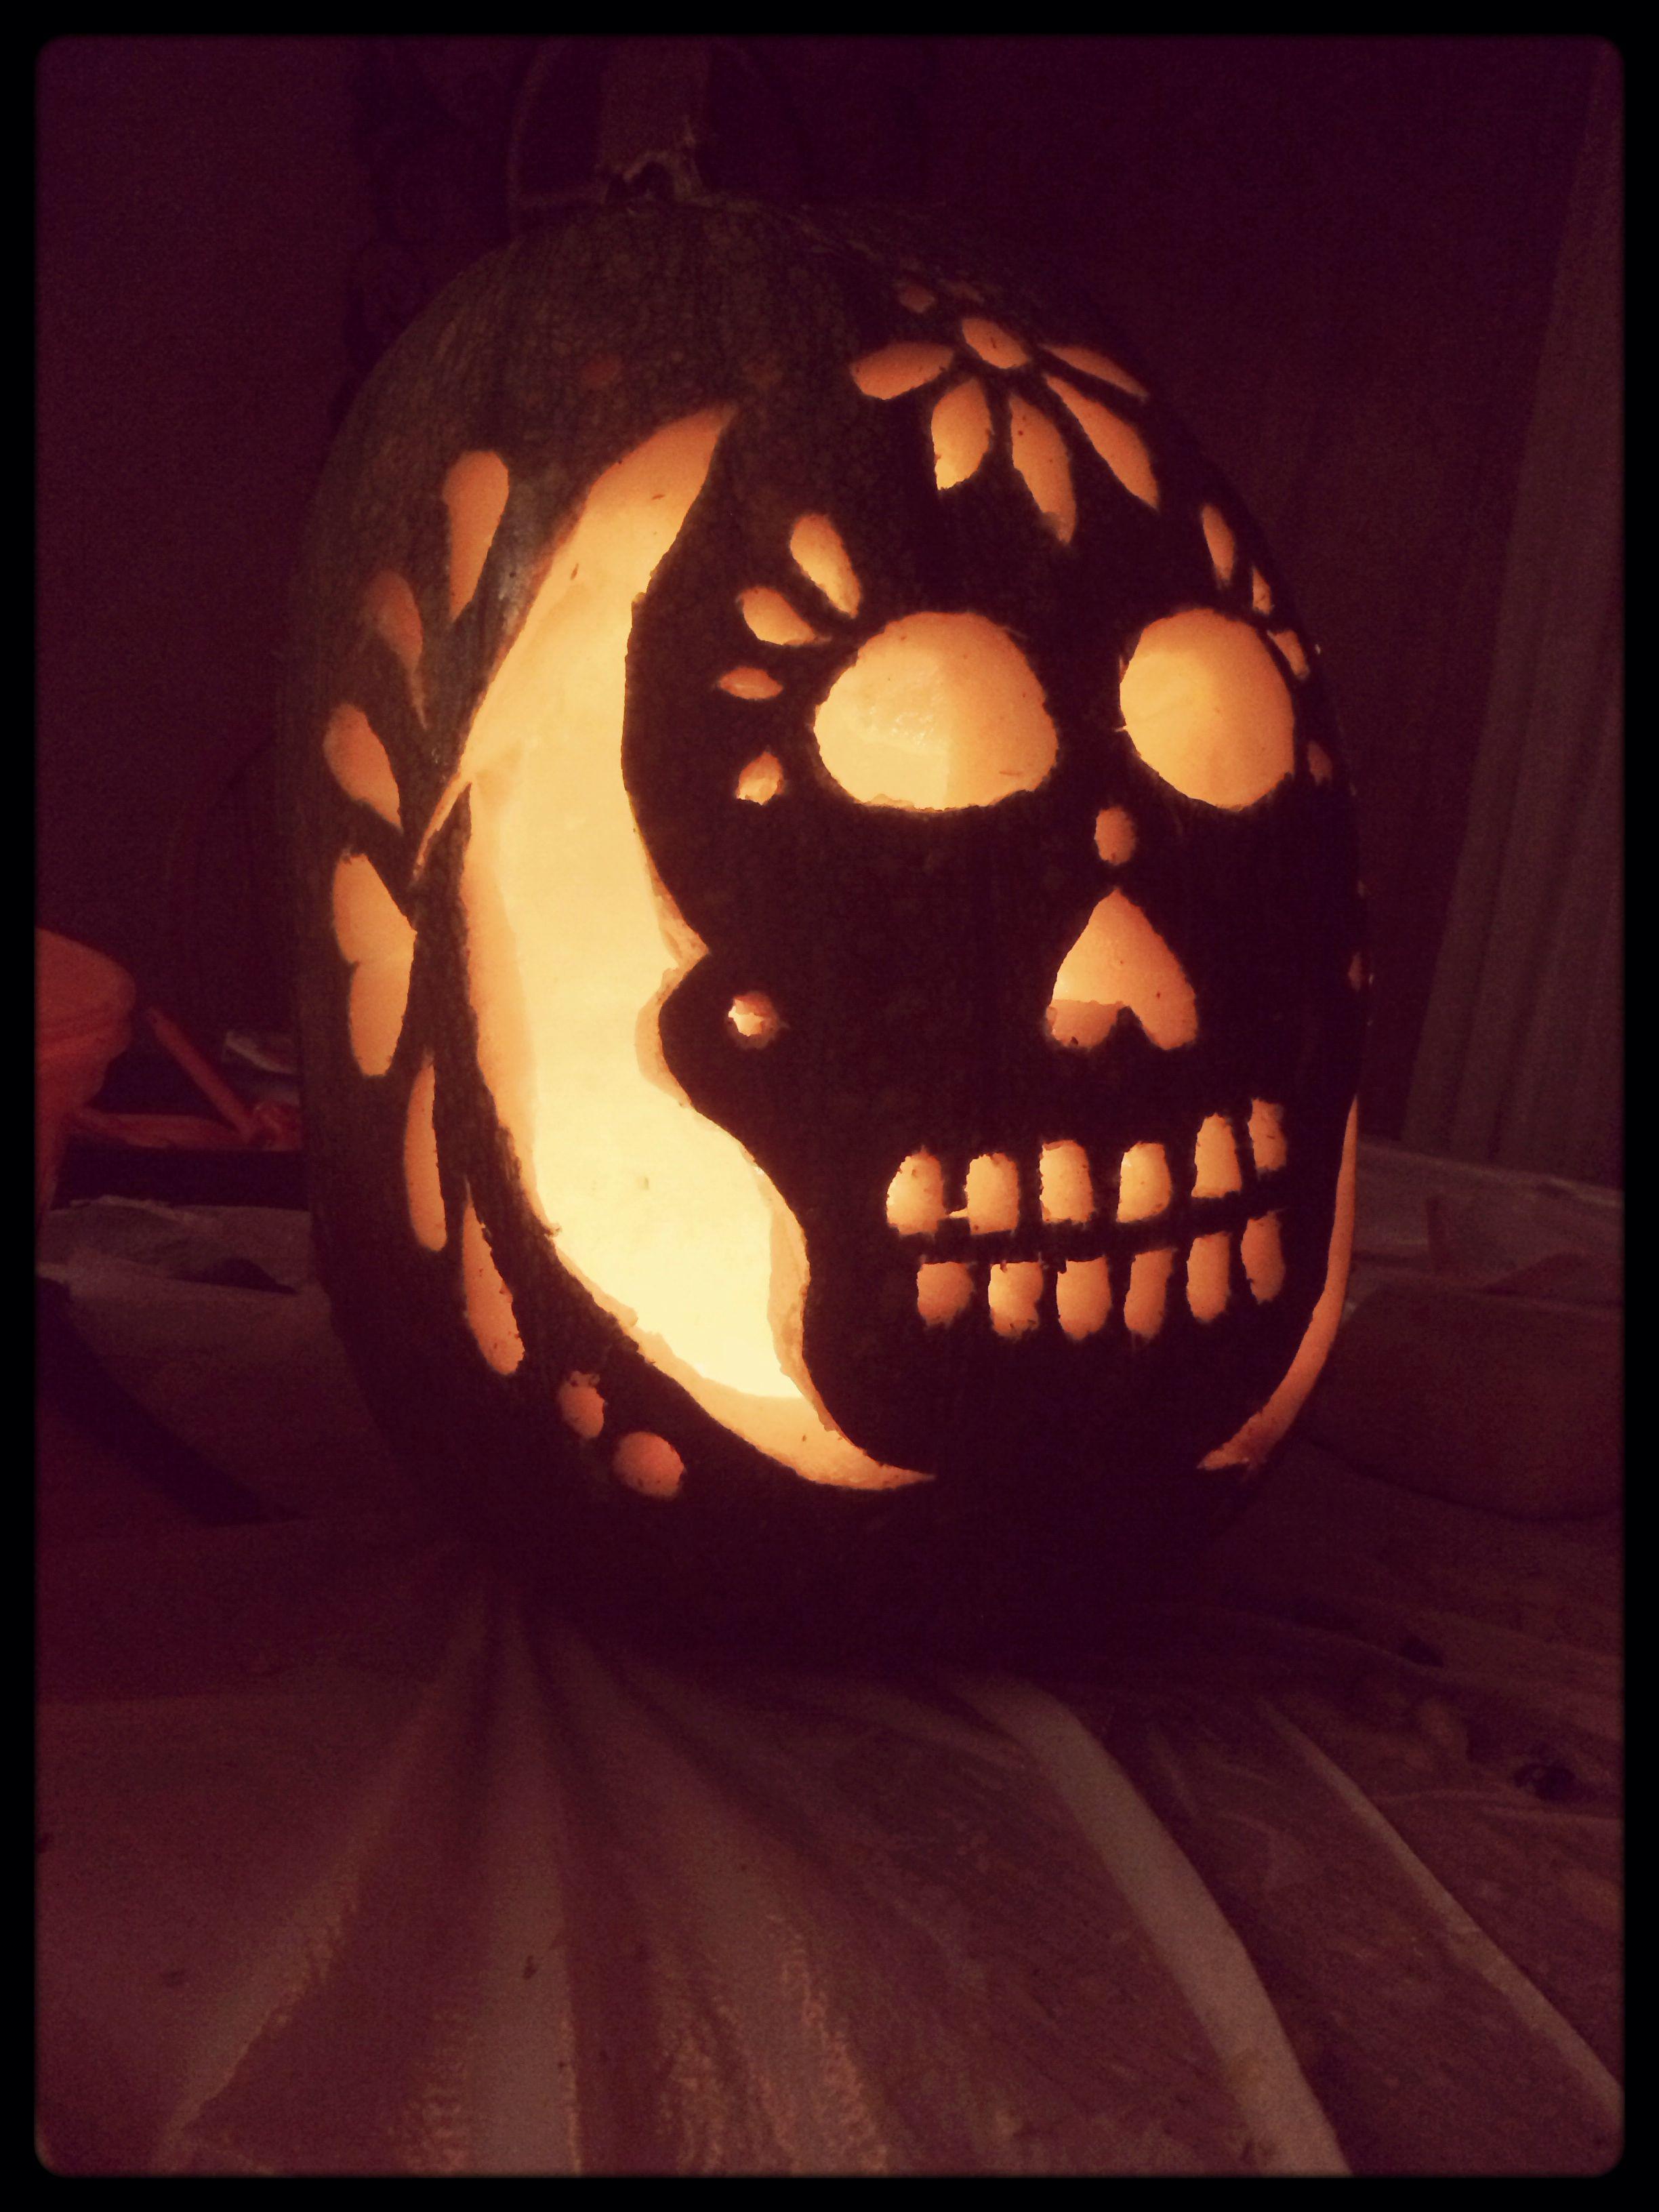 Sugar skull pumpkin carving holidays pinterest